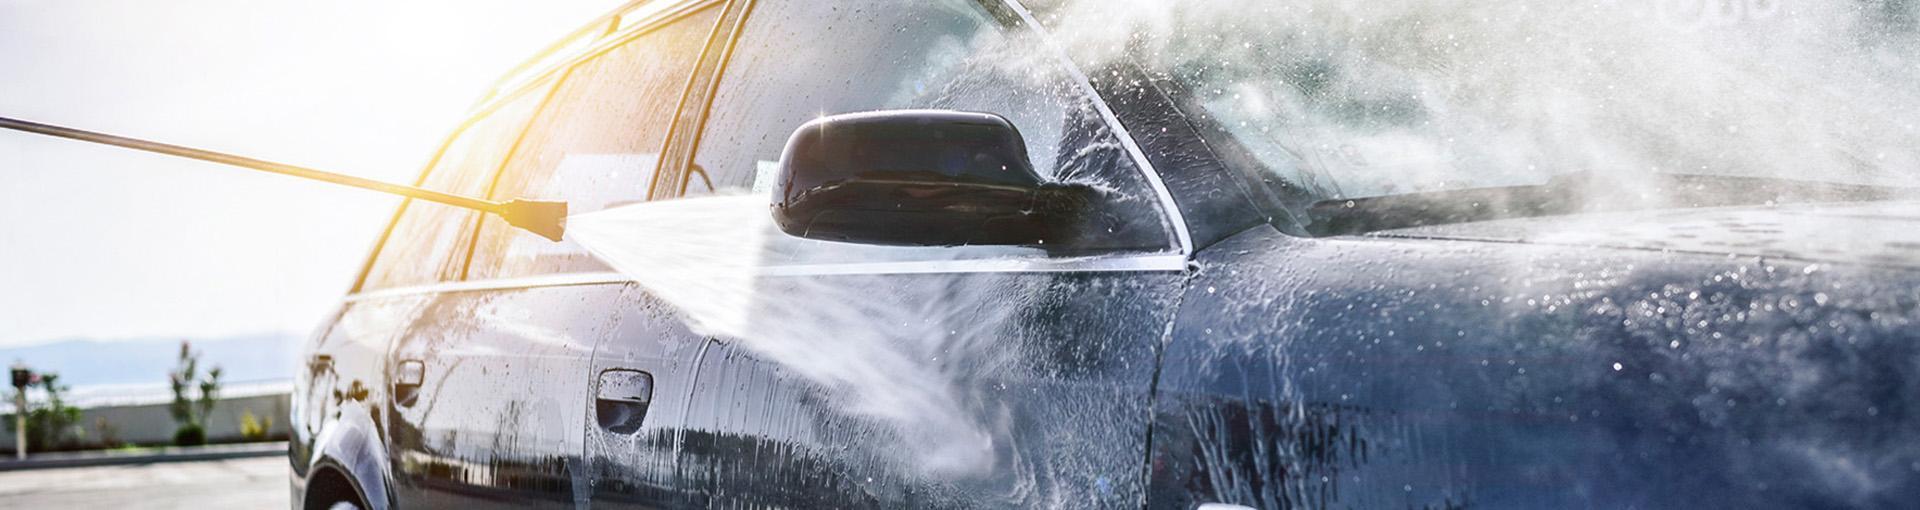 banner Kontakt - mycie samochodu na myjce ręcznej